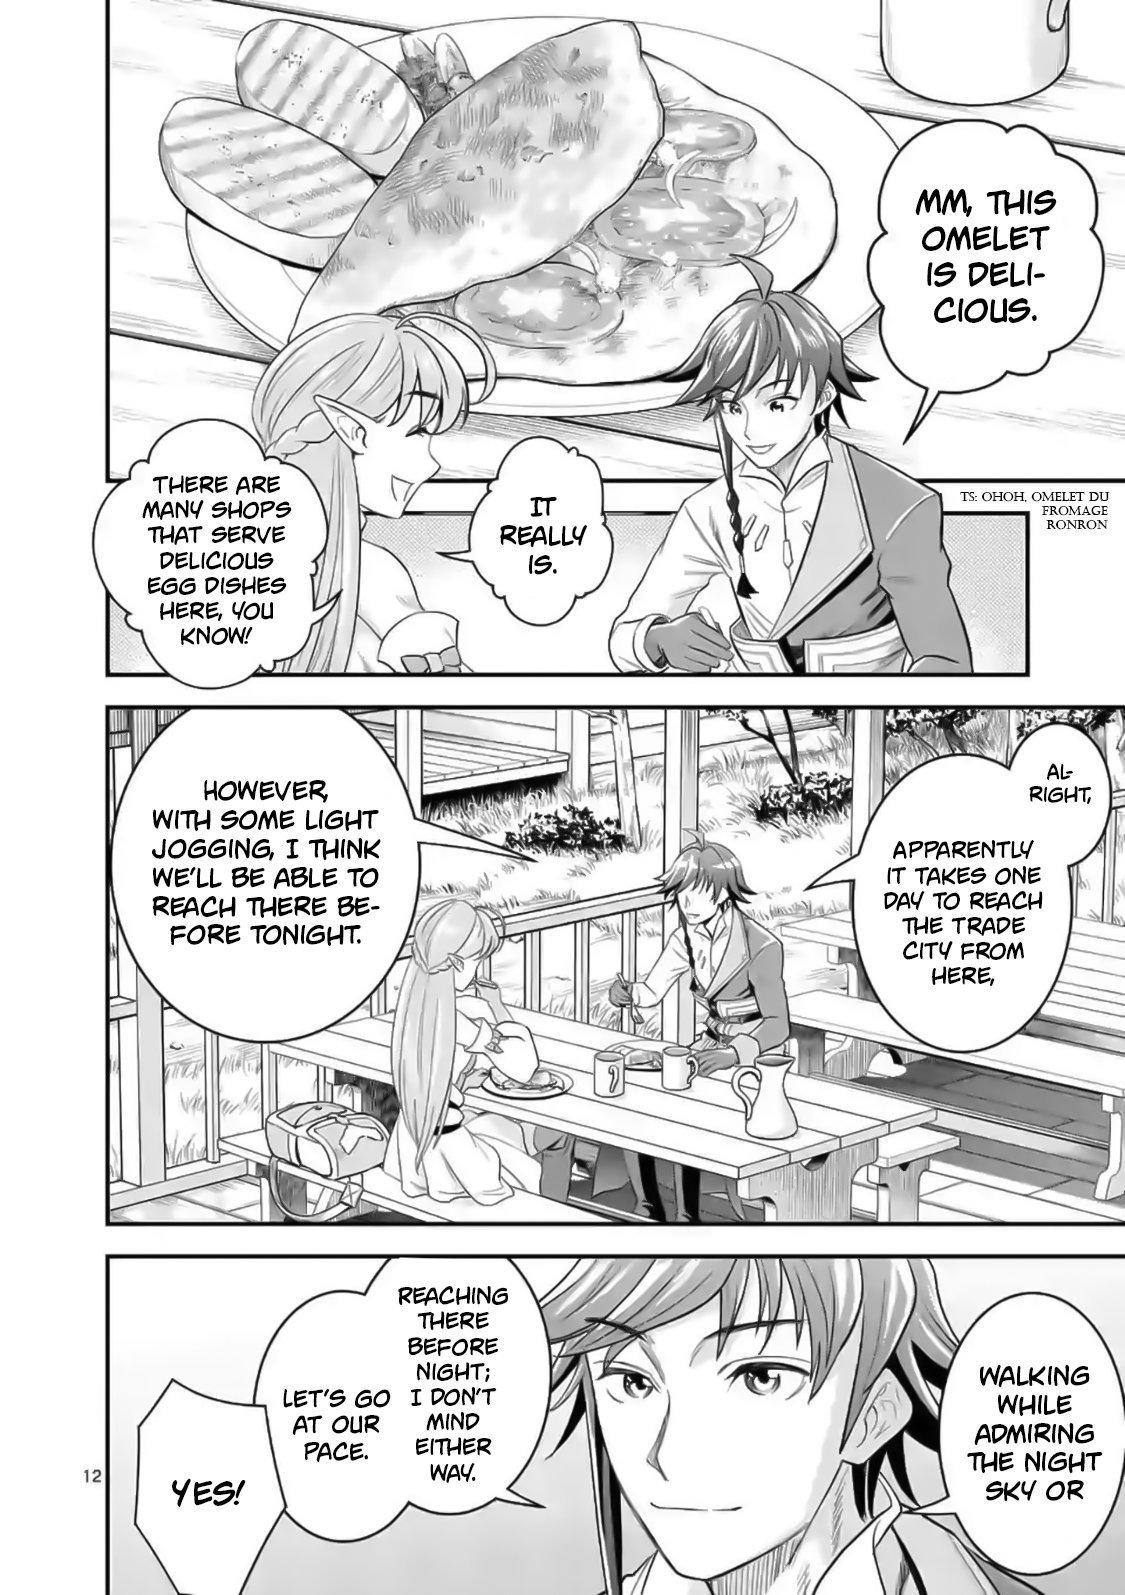 Manga 100-nin no Eiyuu o Sodateta Saikyou Yogensha wa, Boukensha ni Natte mo Sekaijuu no Deshi kara Shitawarete Masu - Chapter 19 Page 13